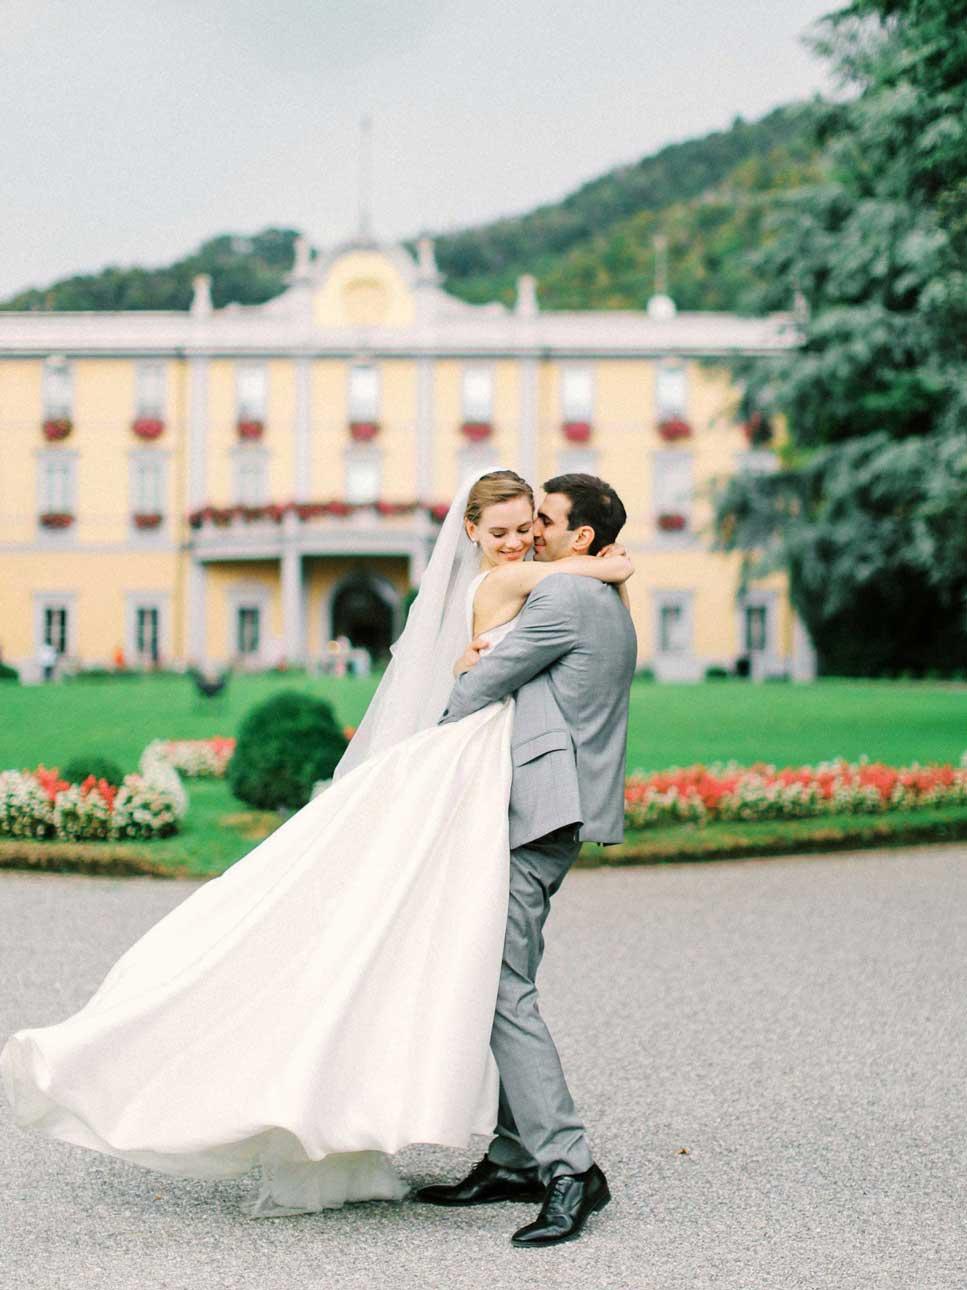 фото на свадьбу симферополь своих